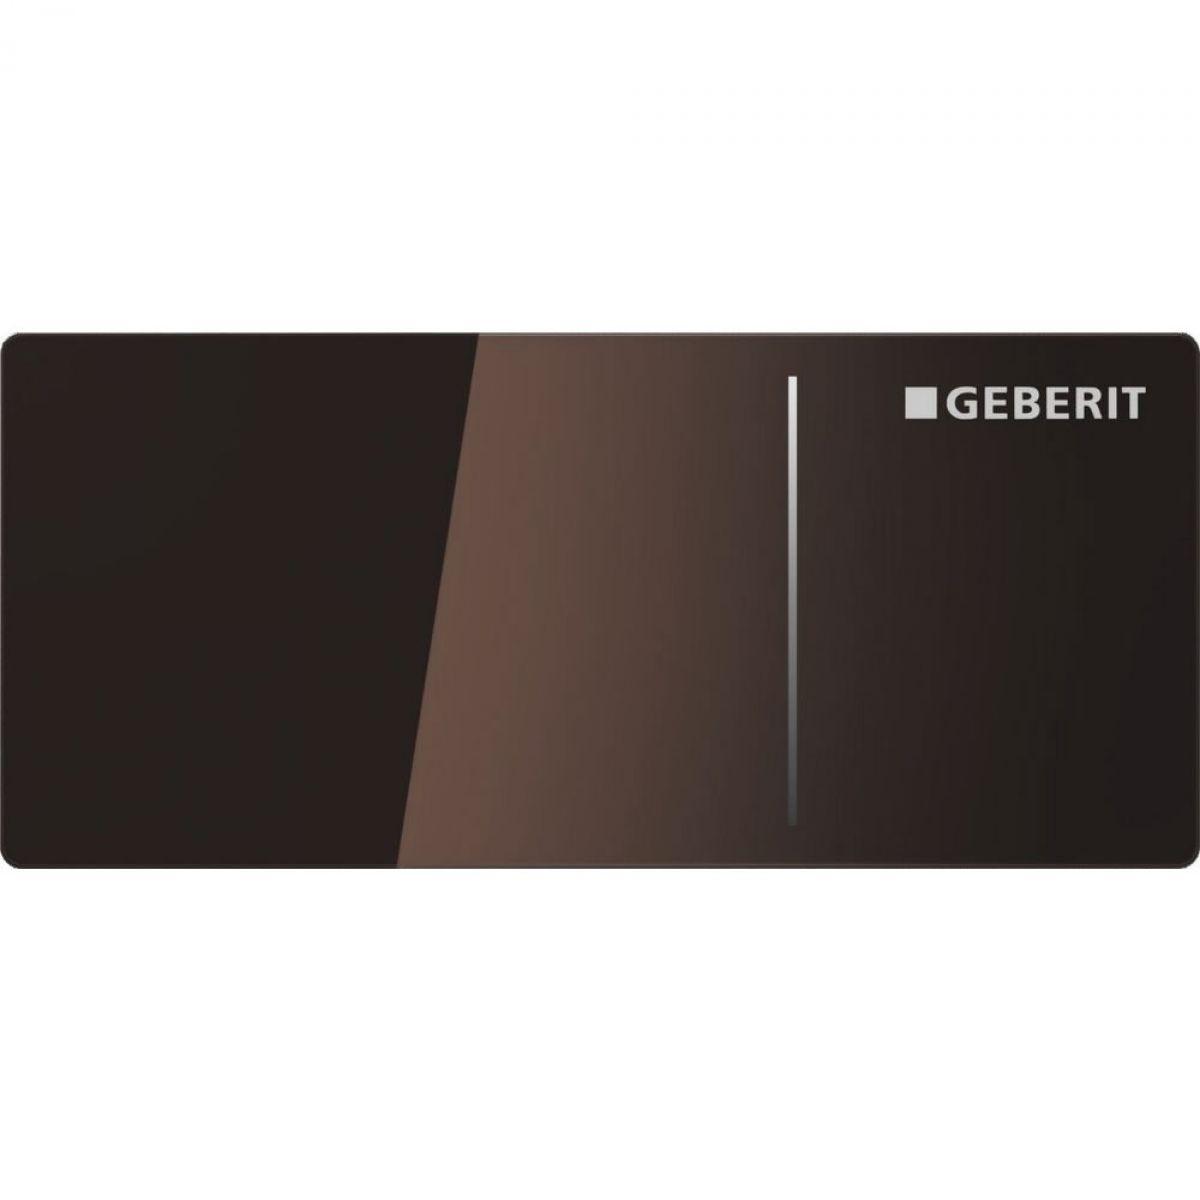 Geberit omega70 remote flush plate uk bathrooms for Geberit us